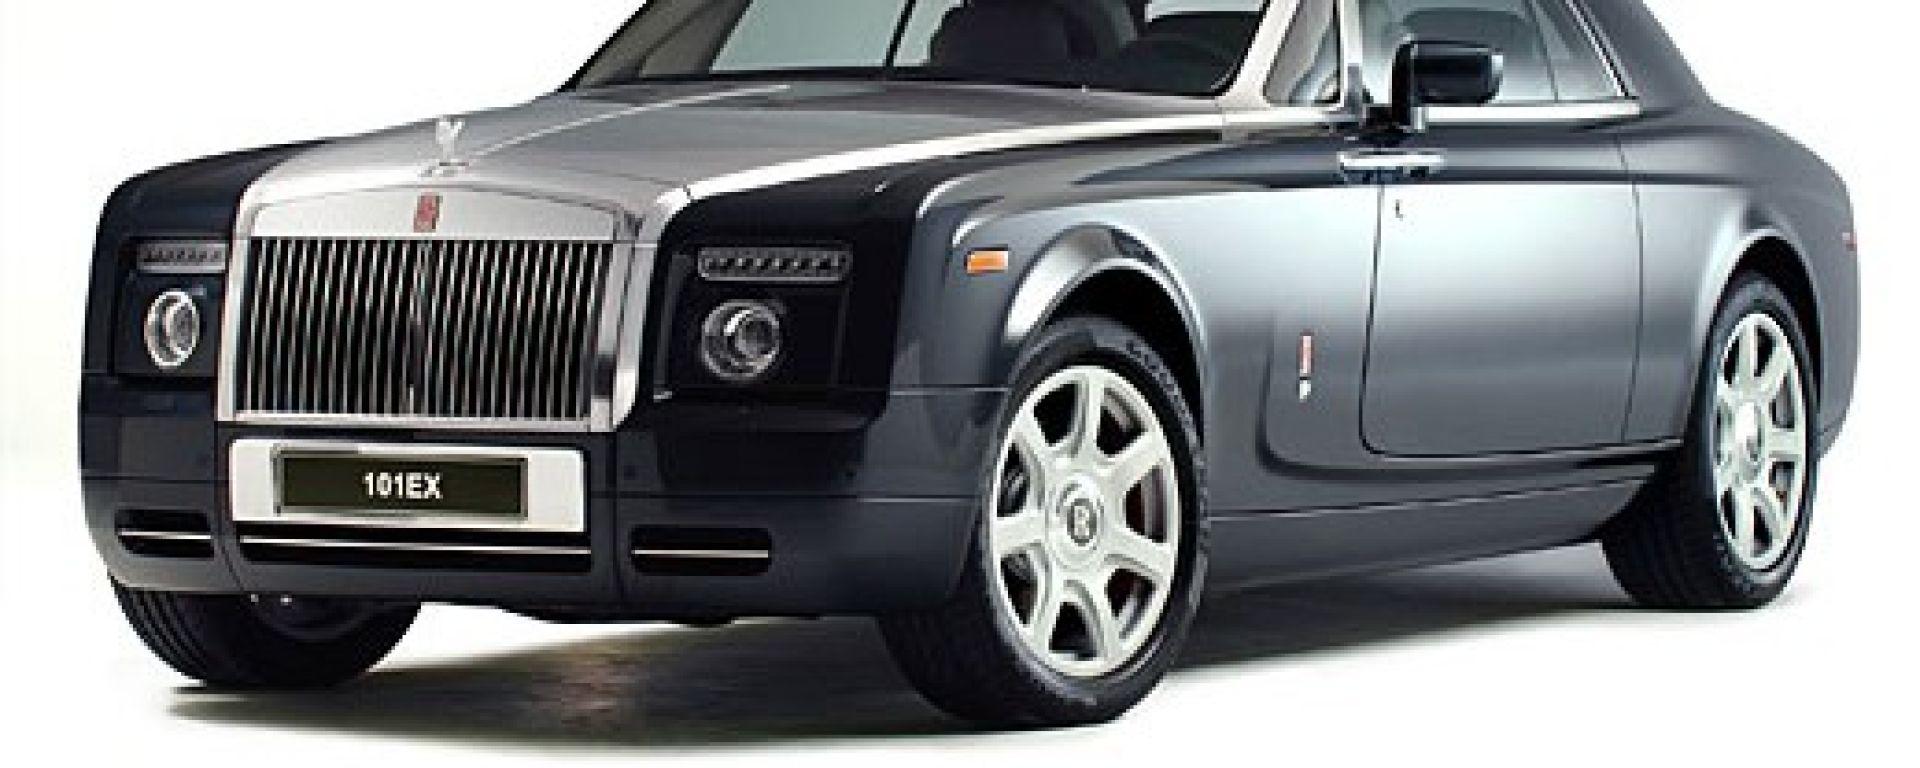 Rolls-Royce EX101